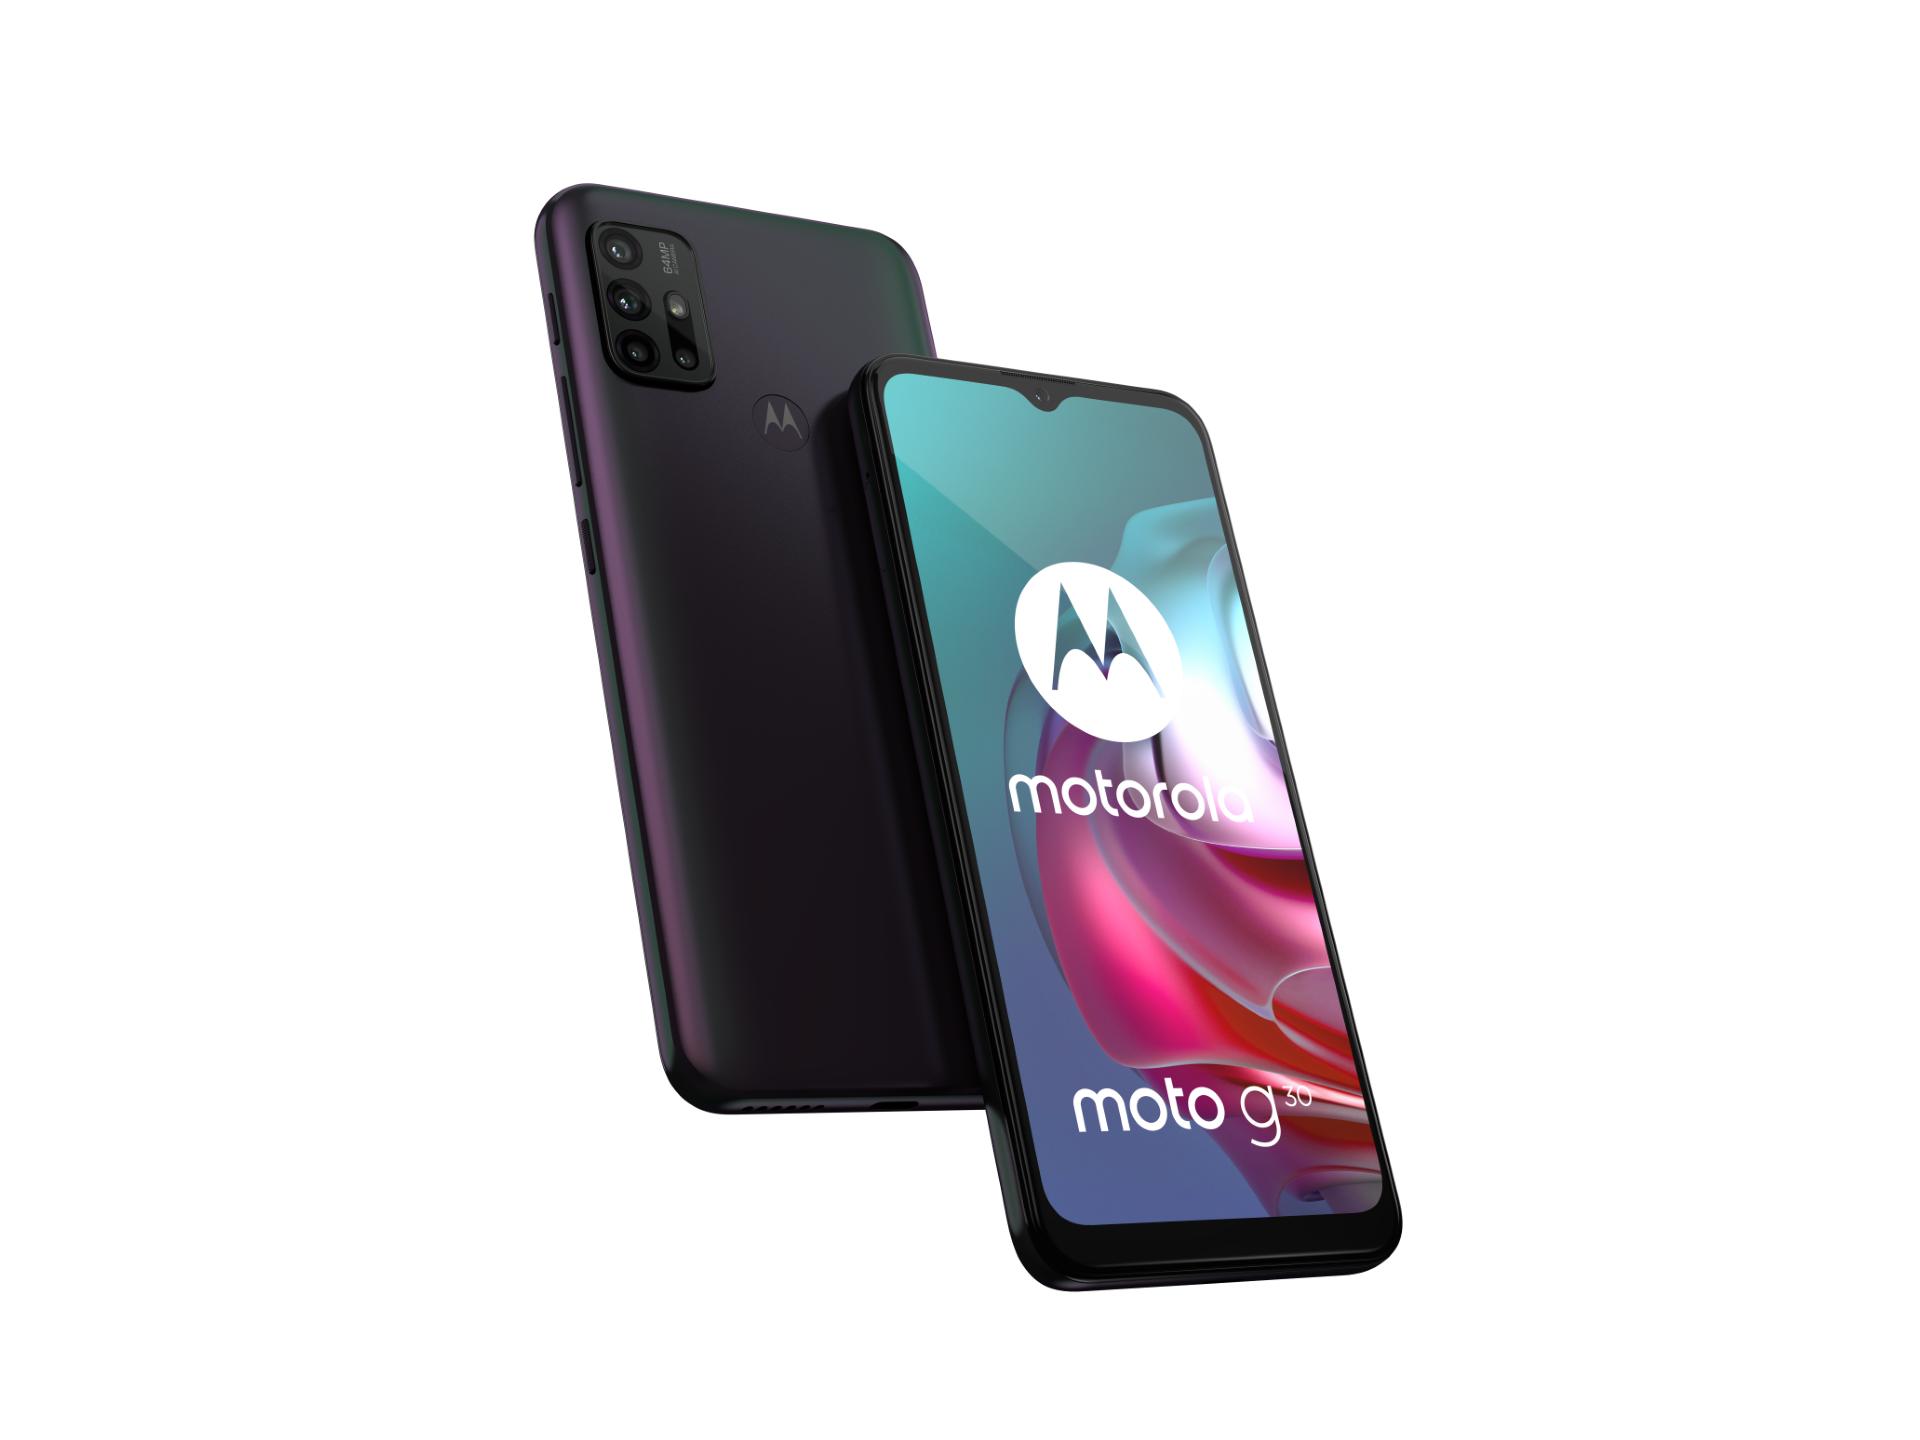 Motorola Moto G10 e Moto G30 disponibili su Amazon (già in offerta)